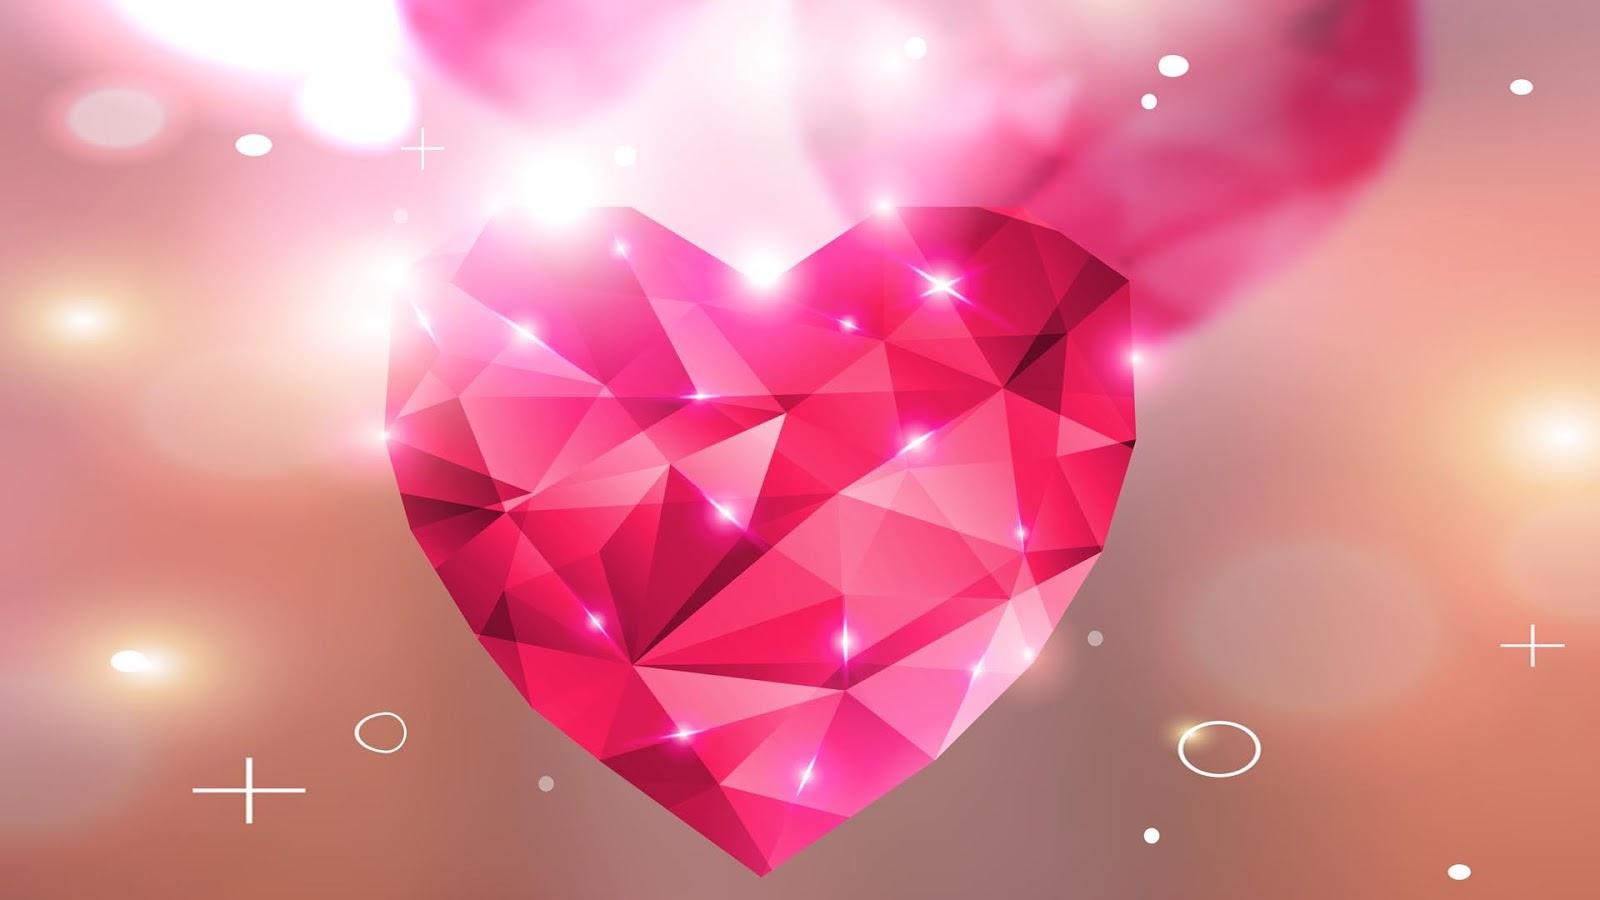 Hearts Wallpaper 09 1600x900